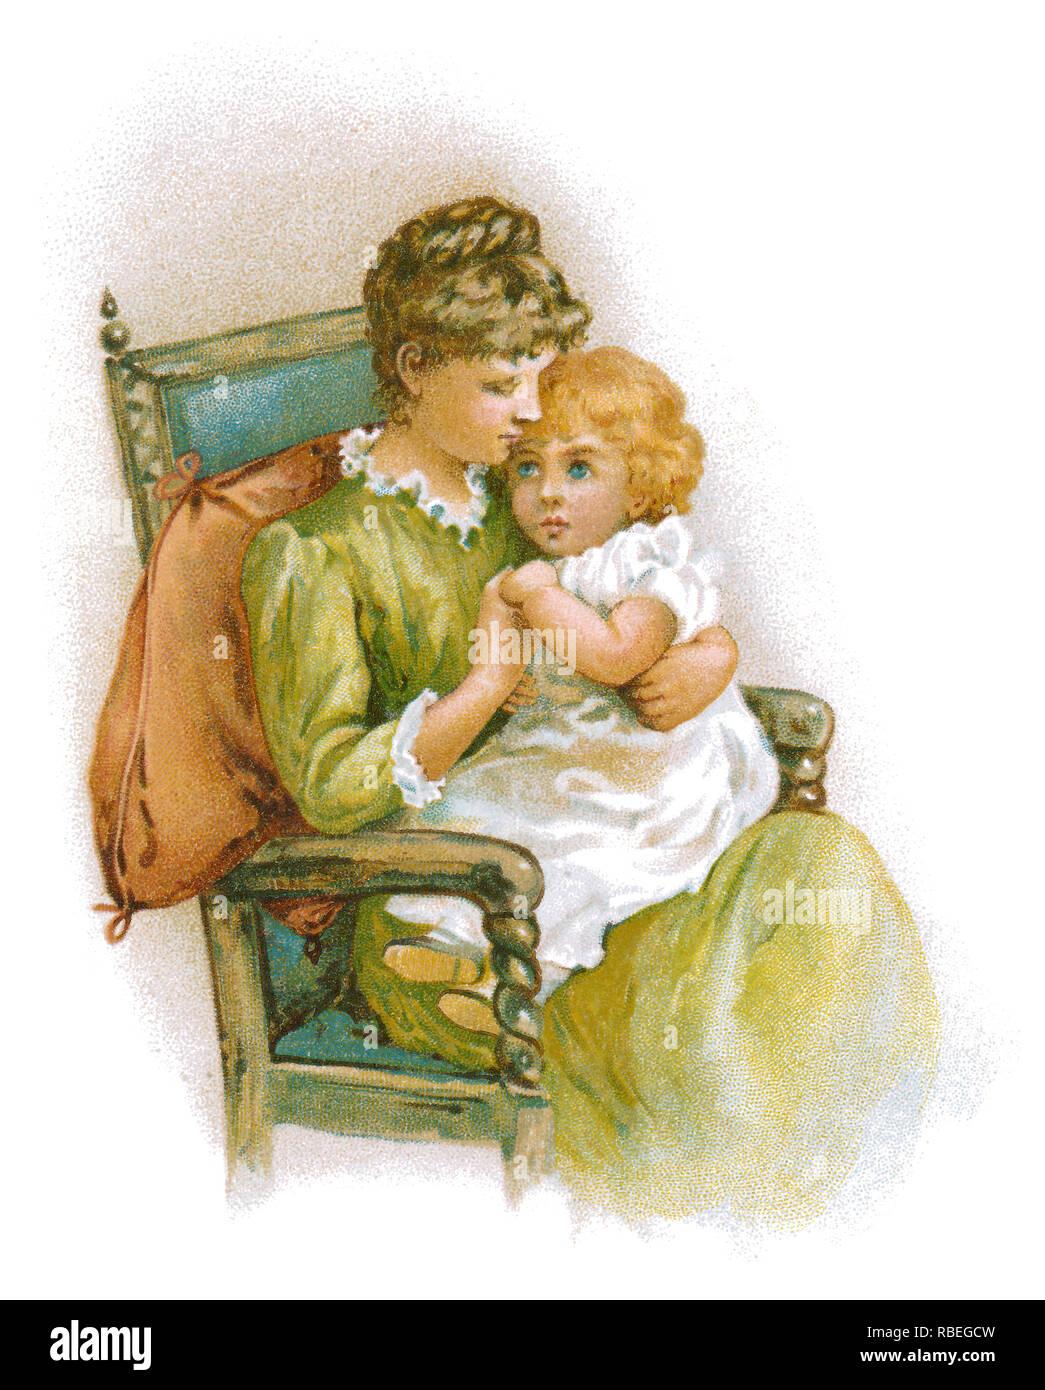 1893 ilustración Victoriana sentimental de una madre y su hijo. Foto de stock